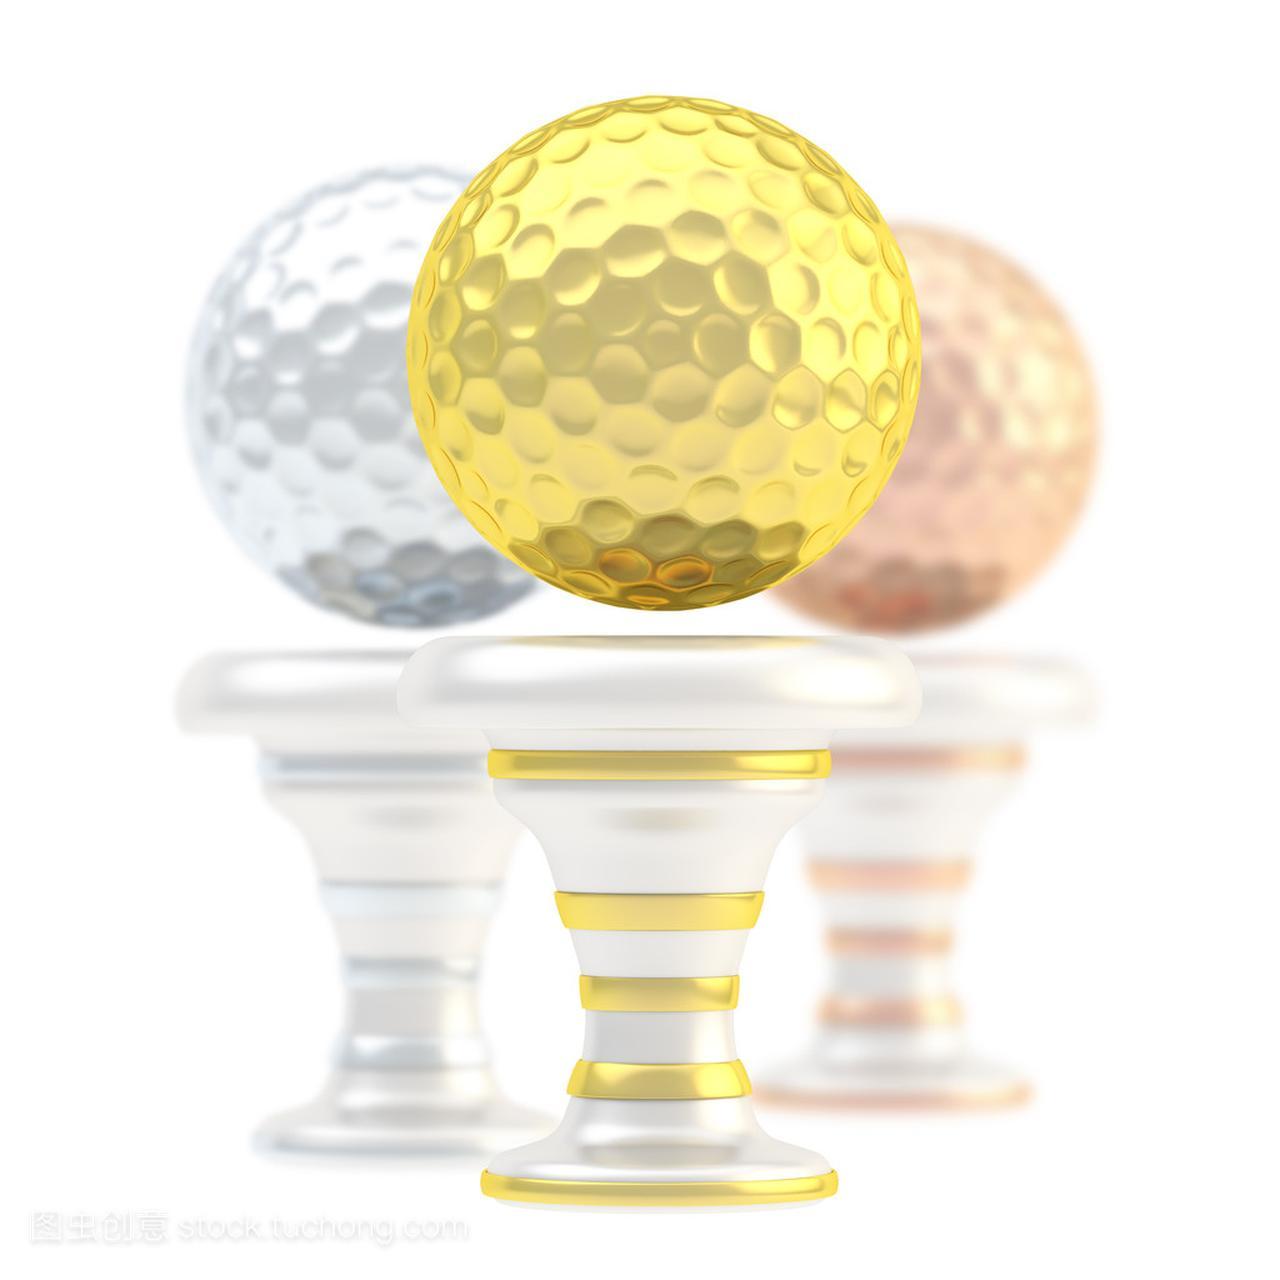 奖高尔夫球手球育球体苏神奖杯救主图片